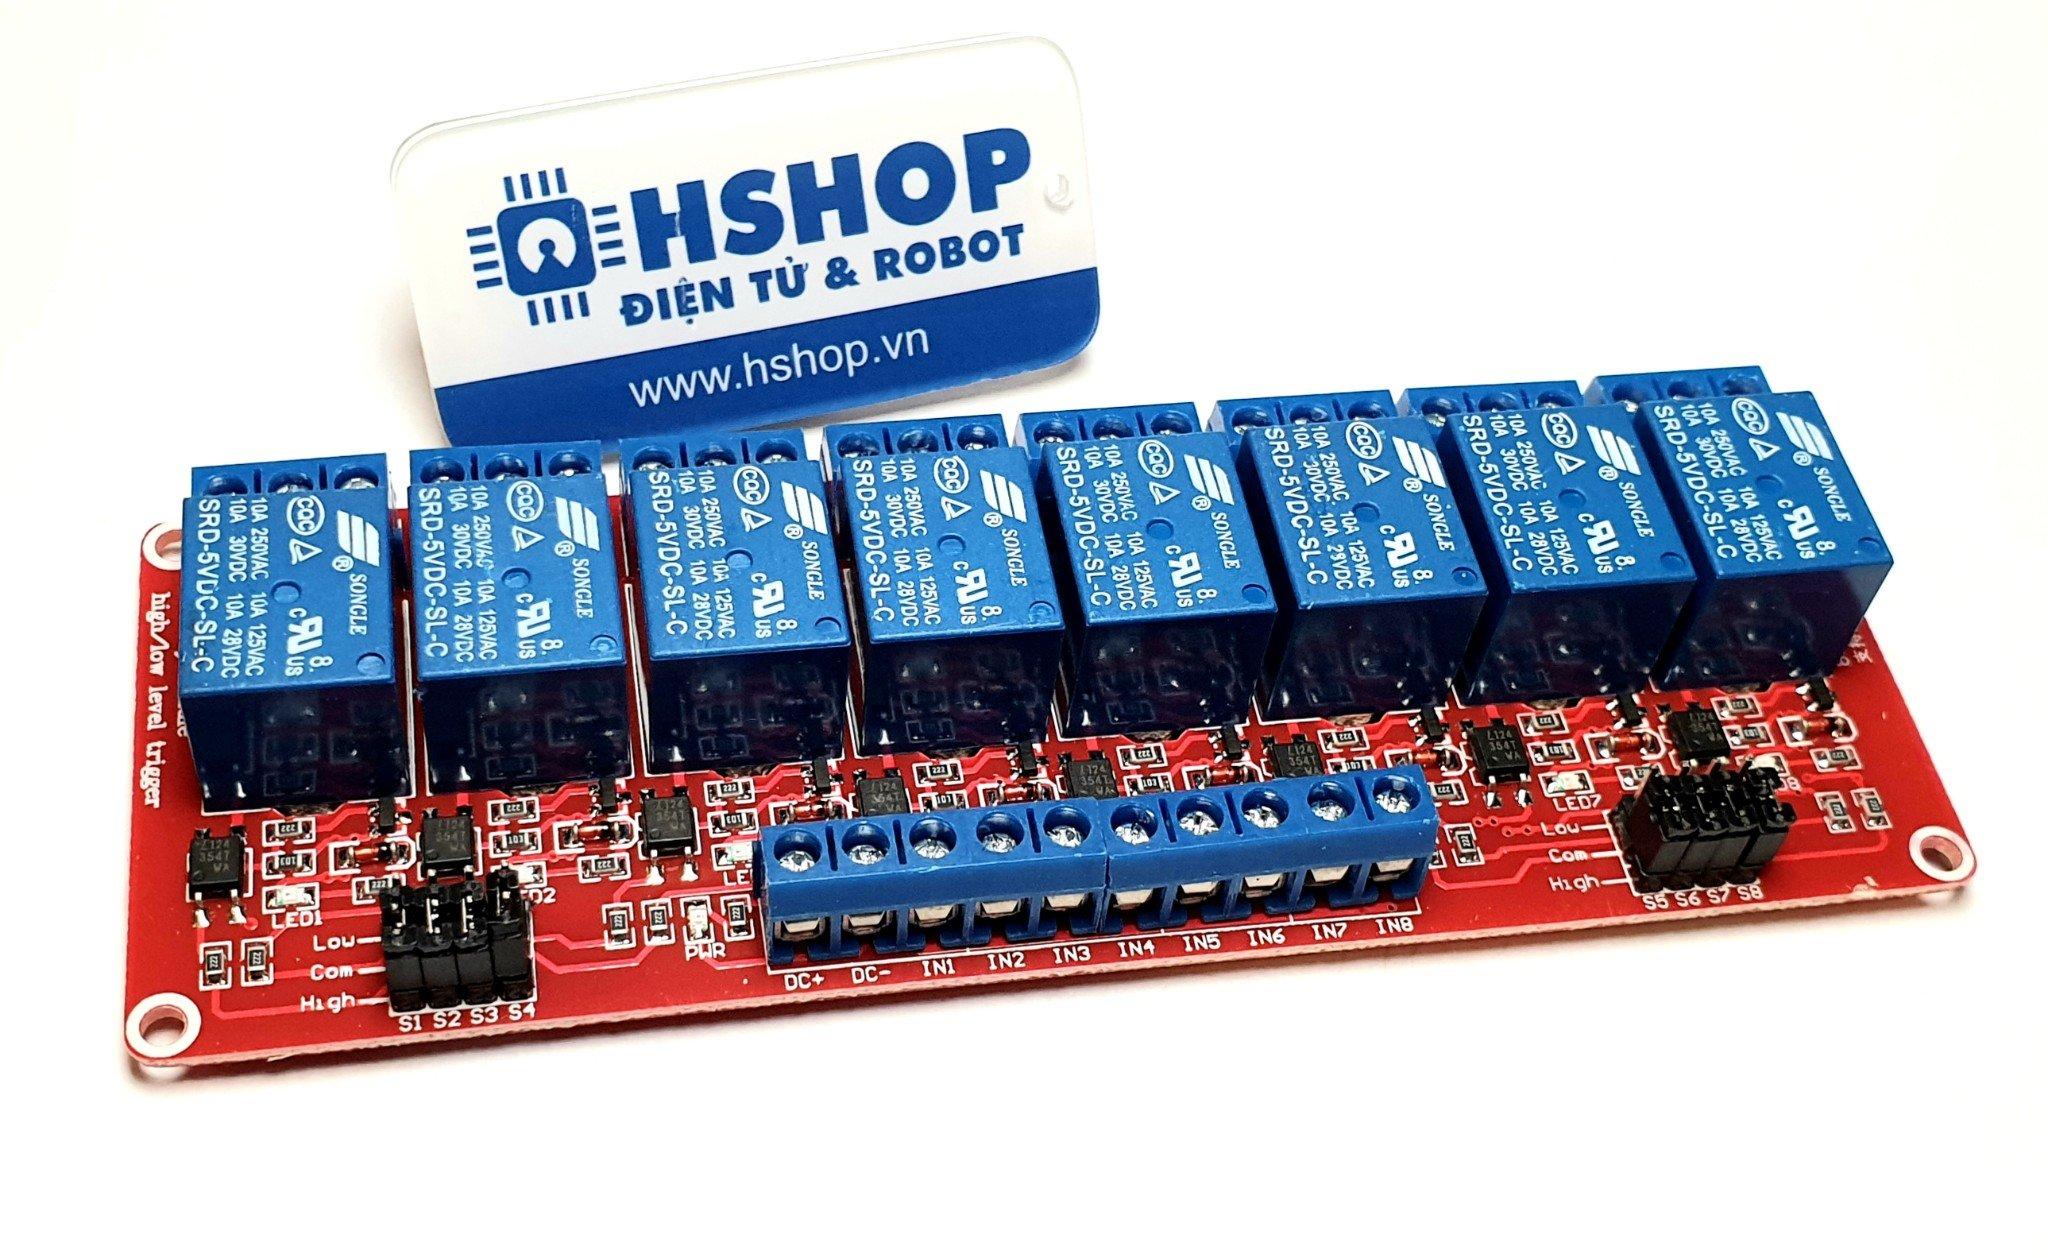 Mạch 8 Relay Opto chọn mức kích HighLow (51224VDC)